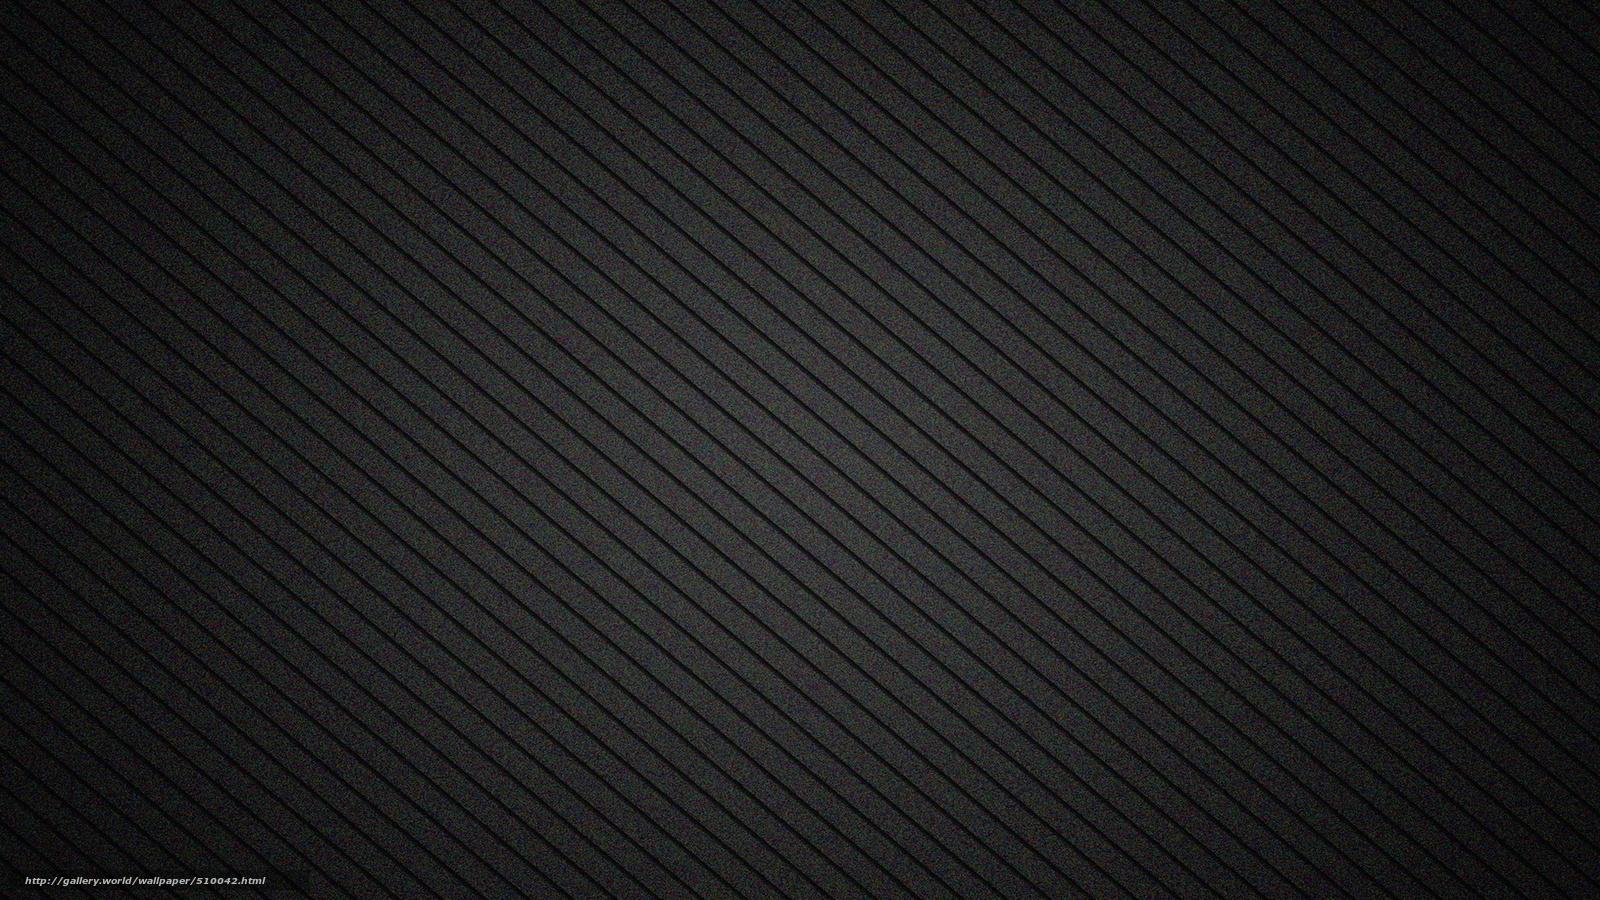 Tlcharger Fond d'ecran fond, texture, noir, bande Fonds d'ecran gratuits pour votre rsolution du ...